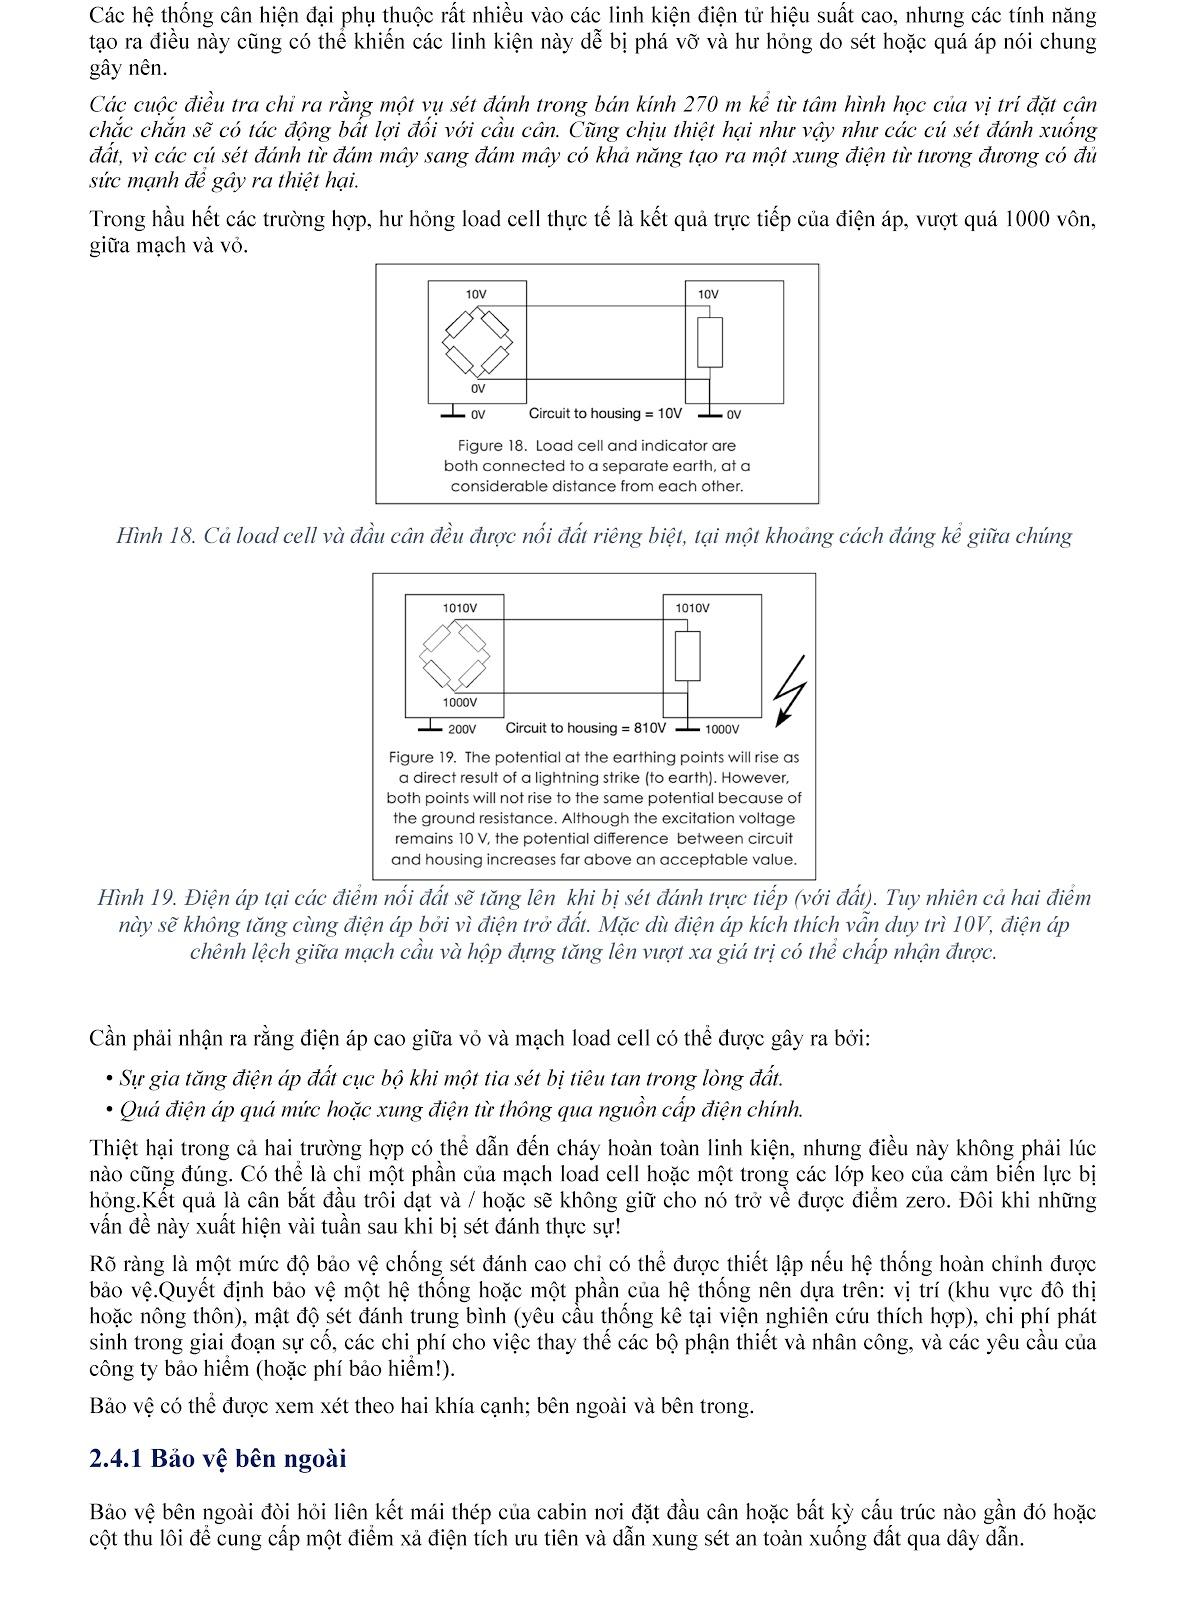 Lưu ý kỹ thuật về Load cell và module cân điện tử (tt) 14